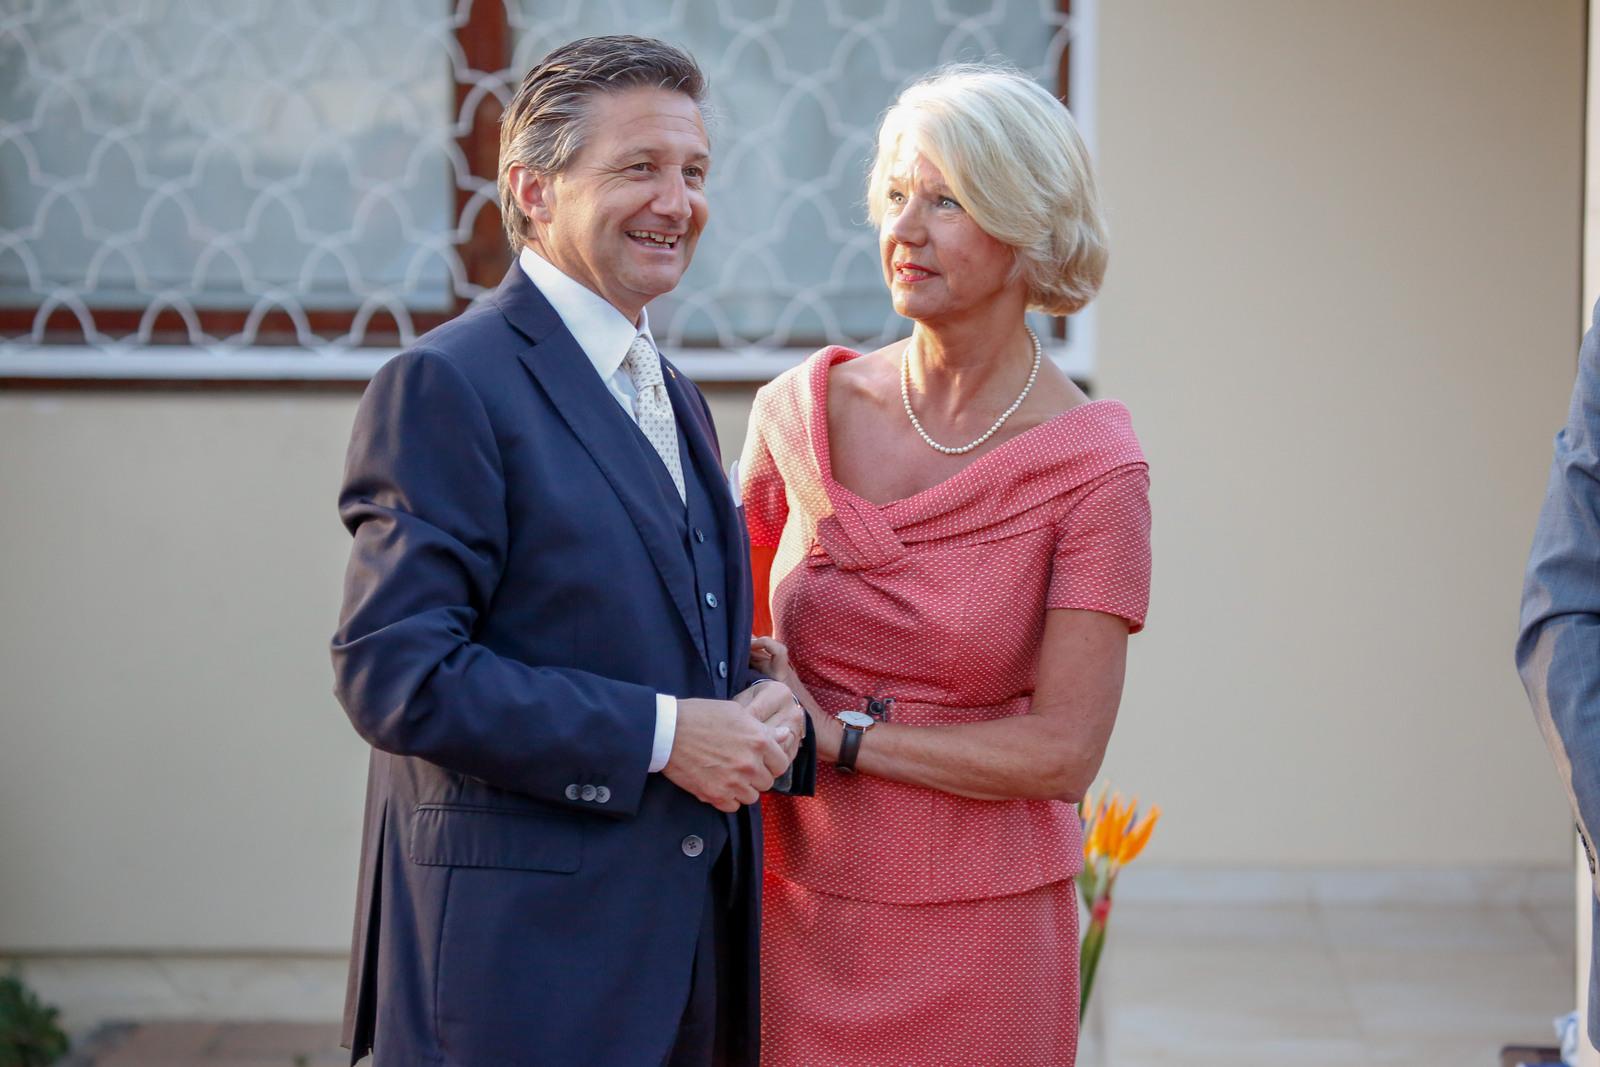 Réception de la Fête du Roi le 29 avril 2019 à la Résidence de S.E. Mme l'Ambassadeur Désirée Bonis.